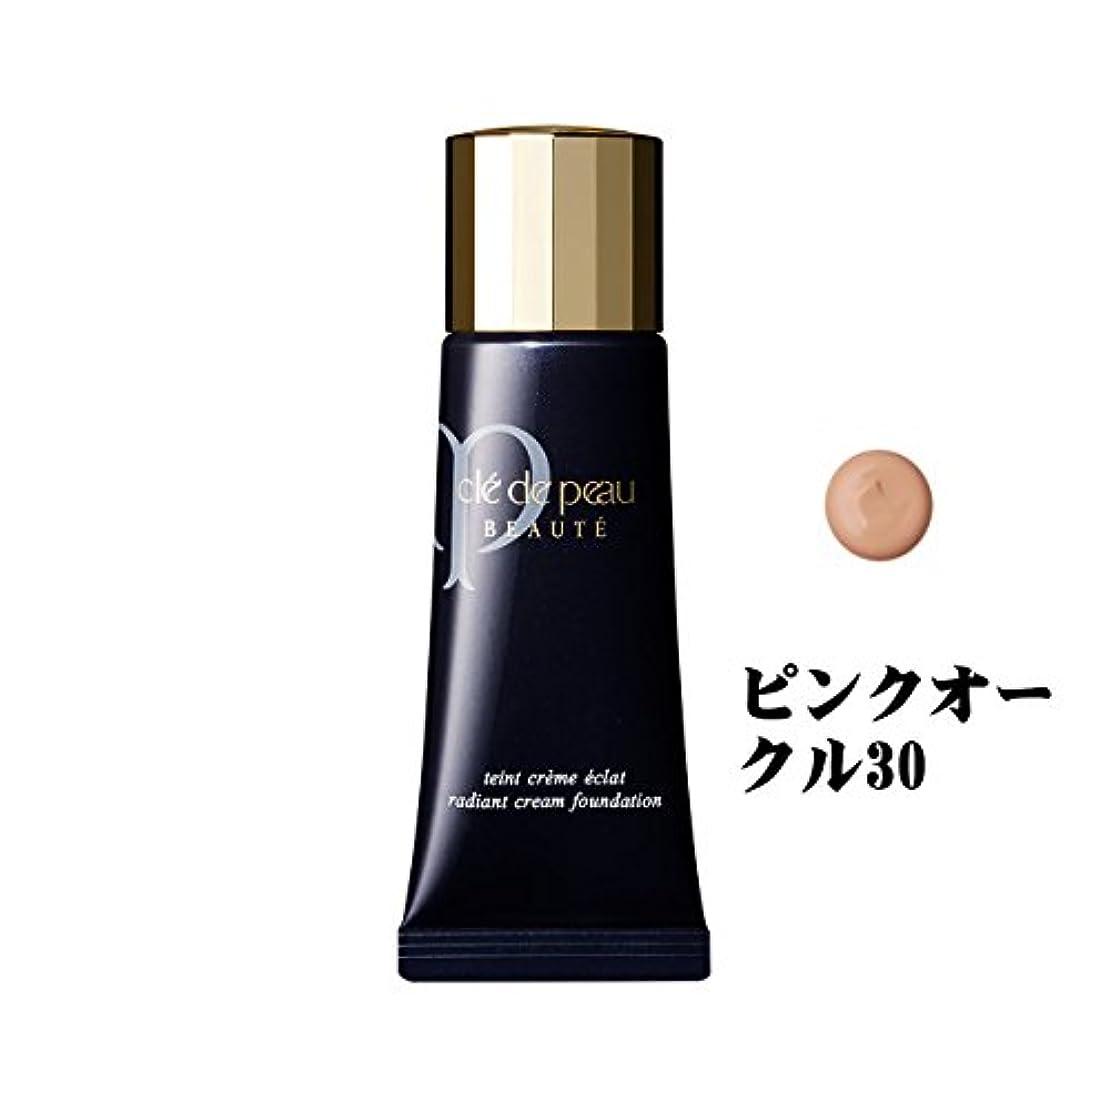 平和調和のとれた行う資生堂/shiseido クレドポーボーテ/CPB タンクレームエクラ クリームタイプ SPF25?PA++ ピンクオークル30